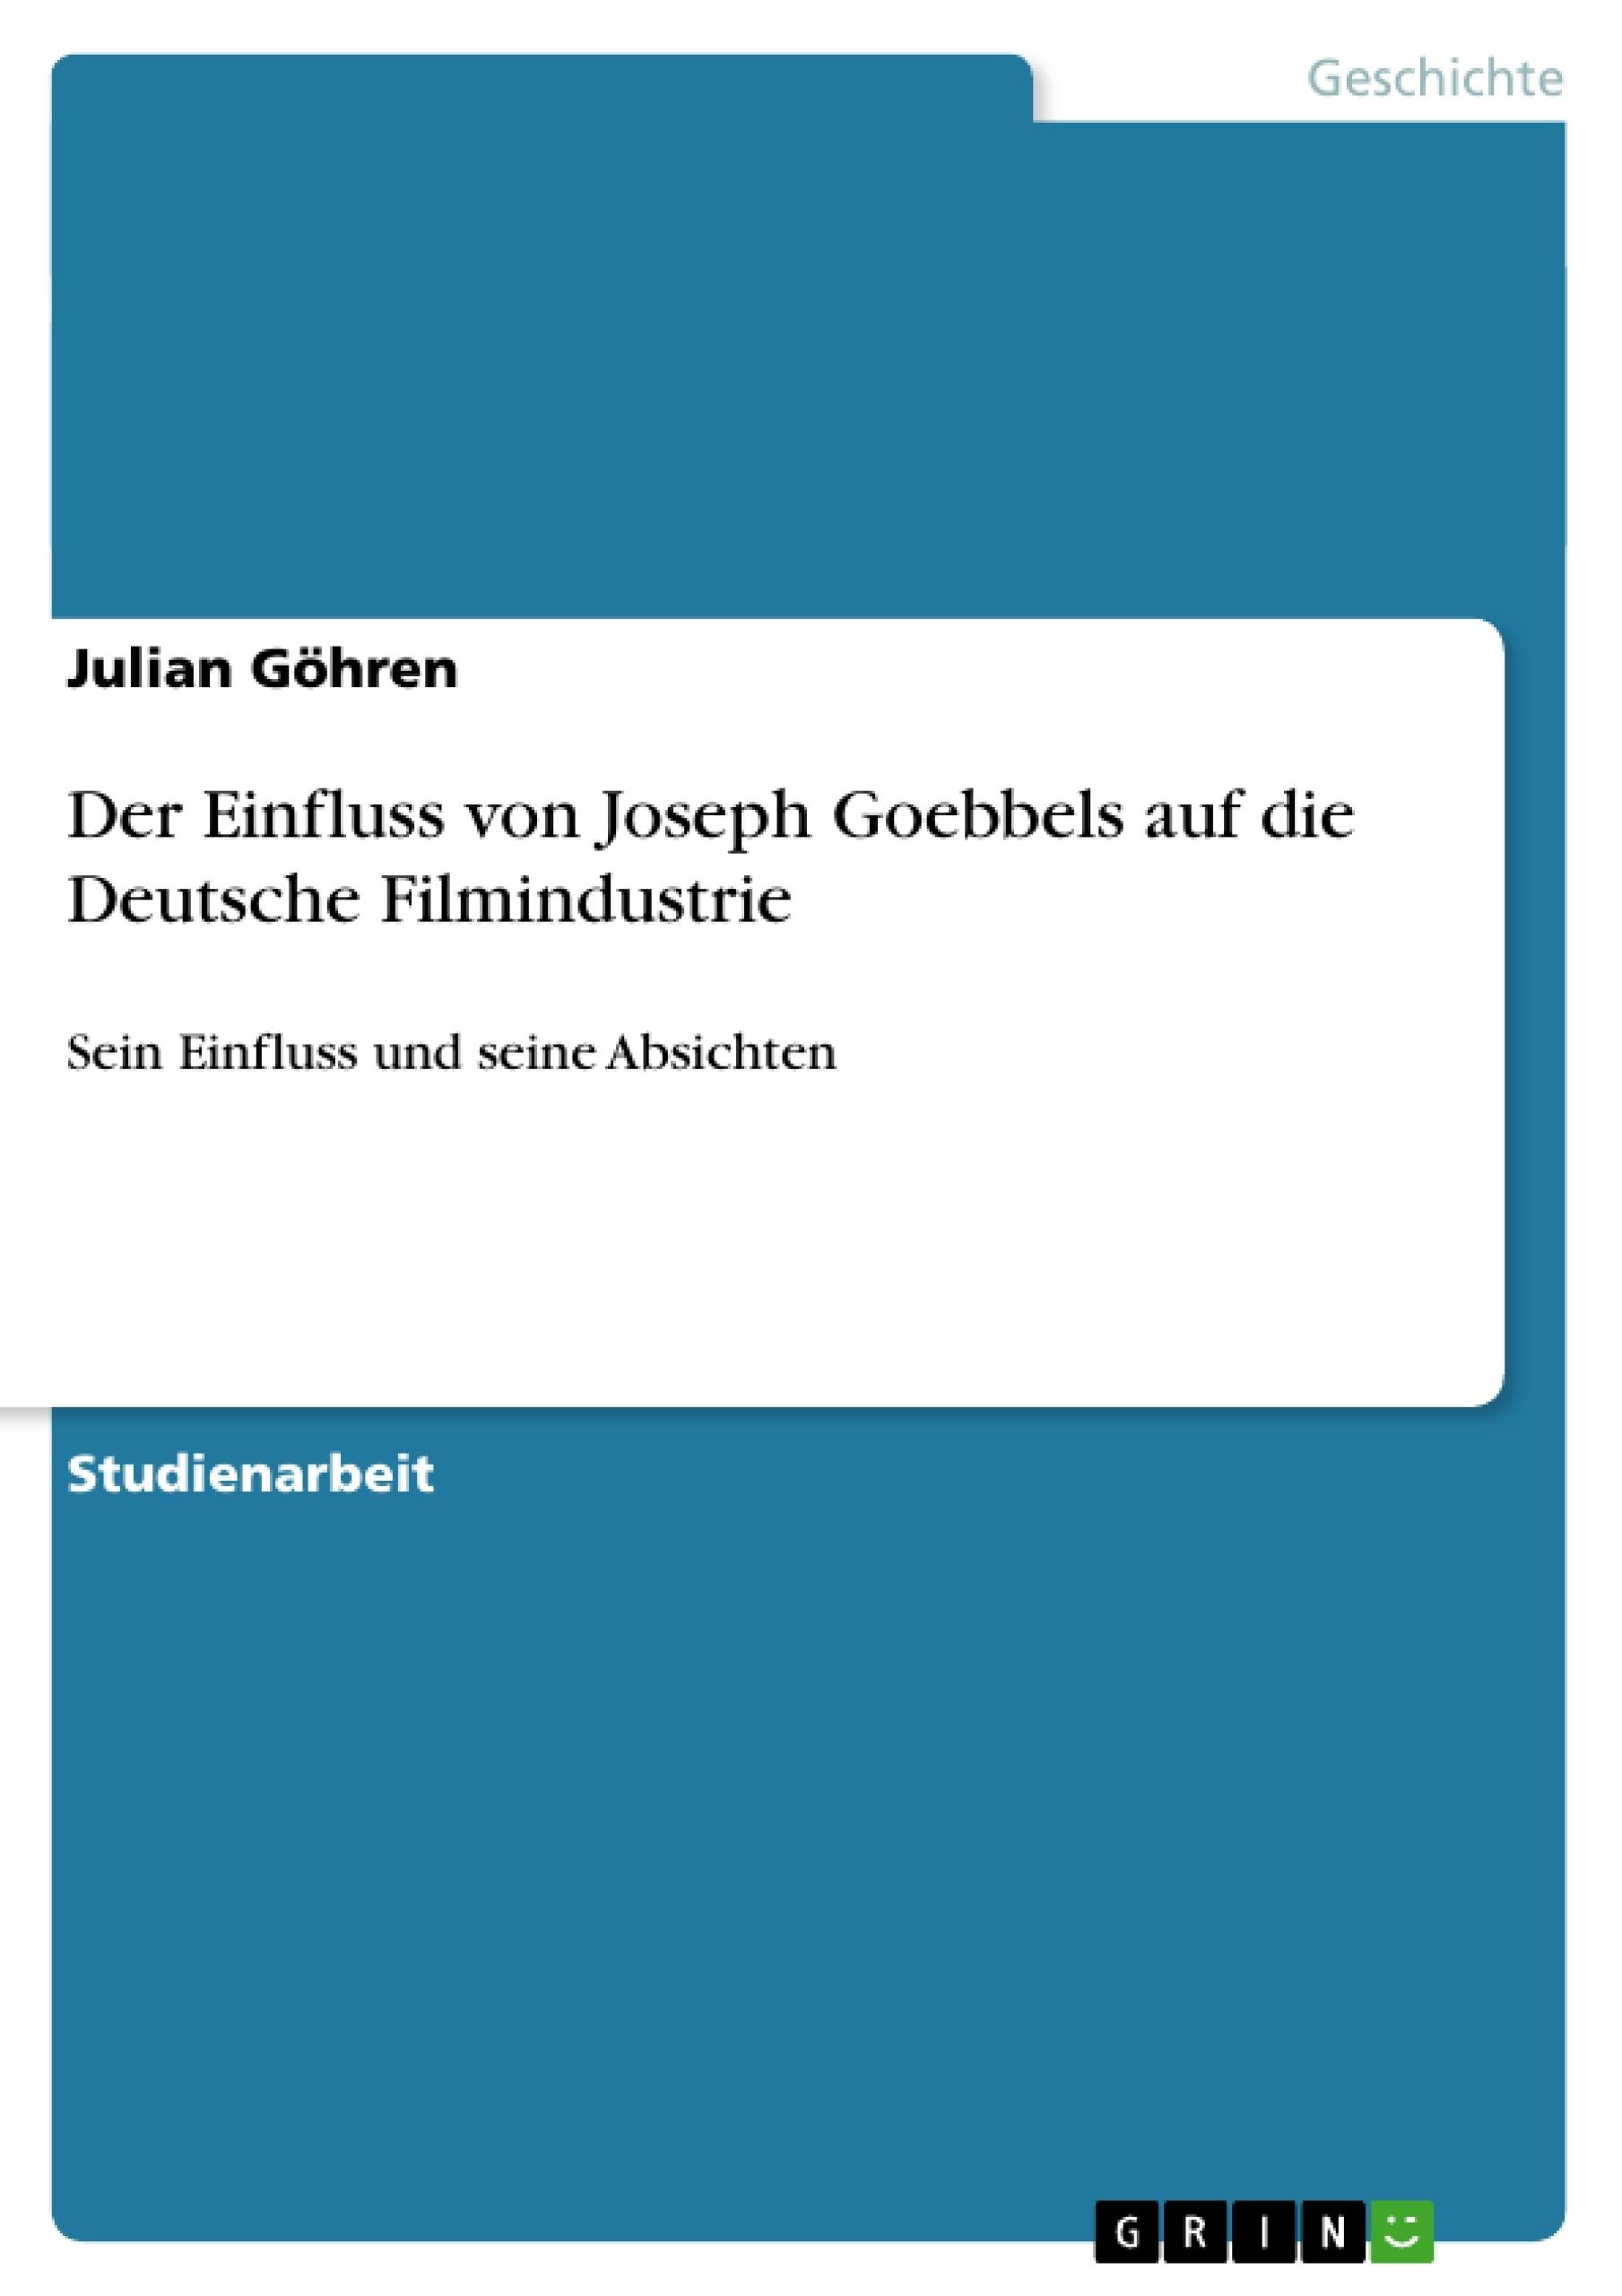 Titel: Der Einfluss von Joseph Goebbels auf die Deutsche Filmindustrie